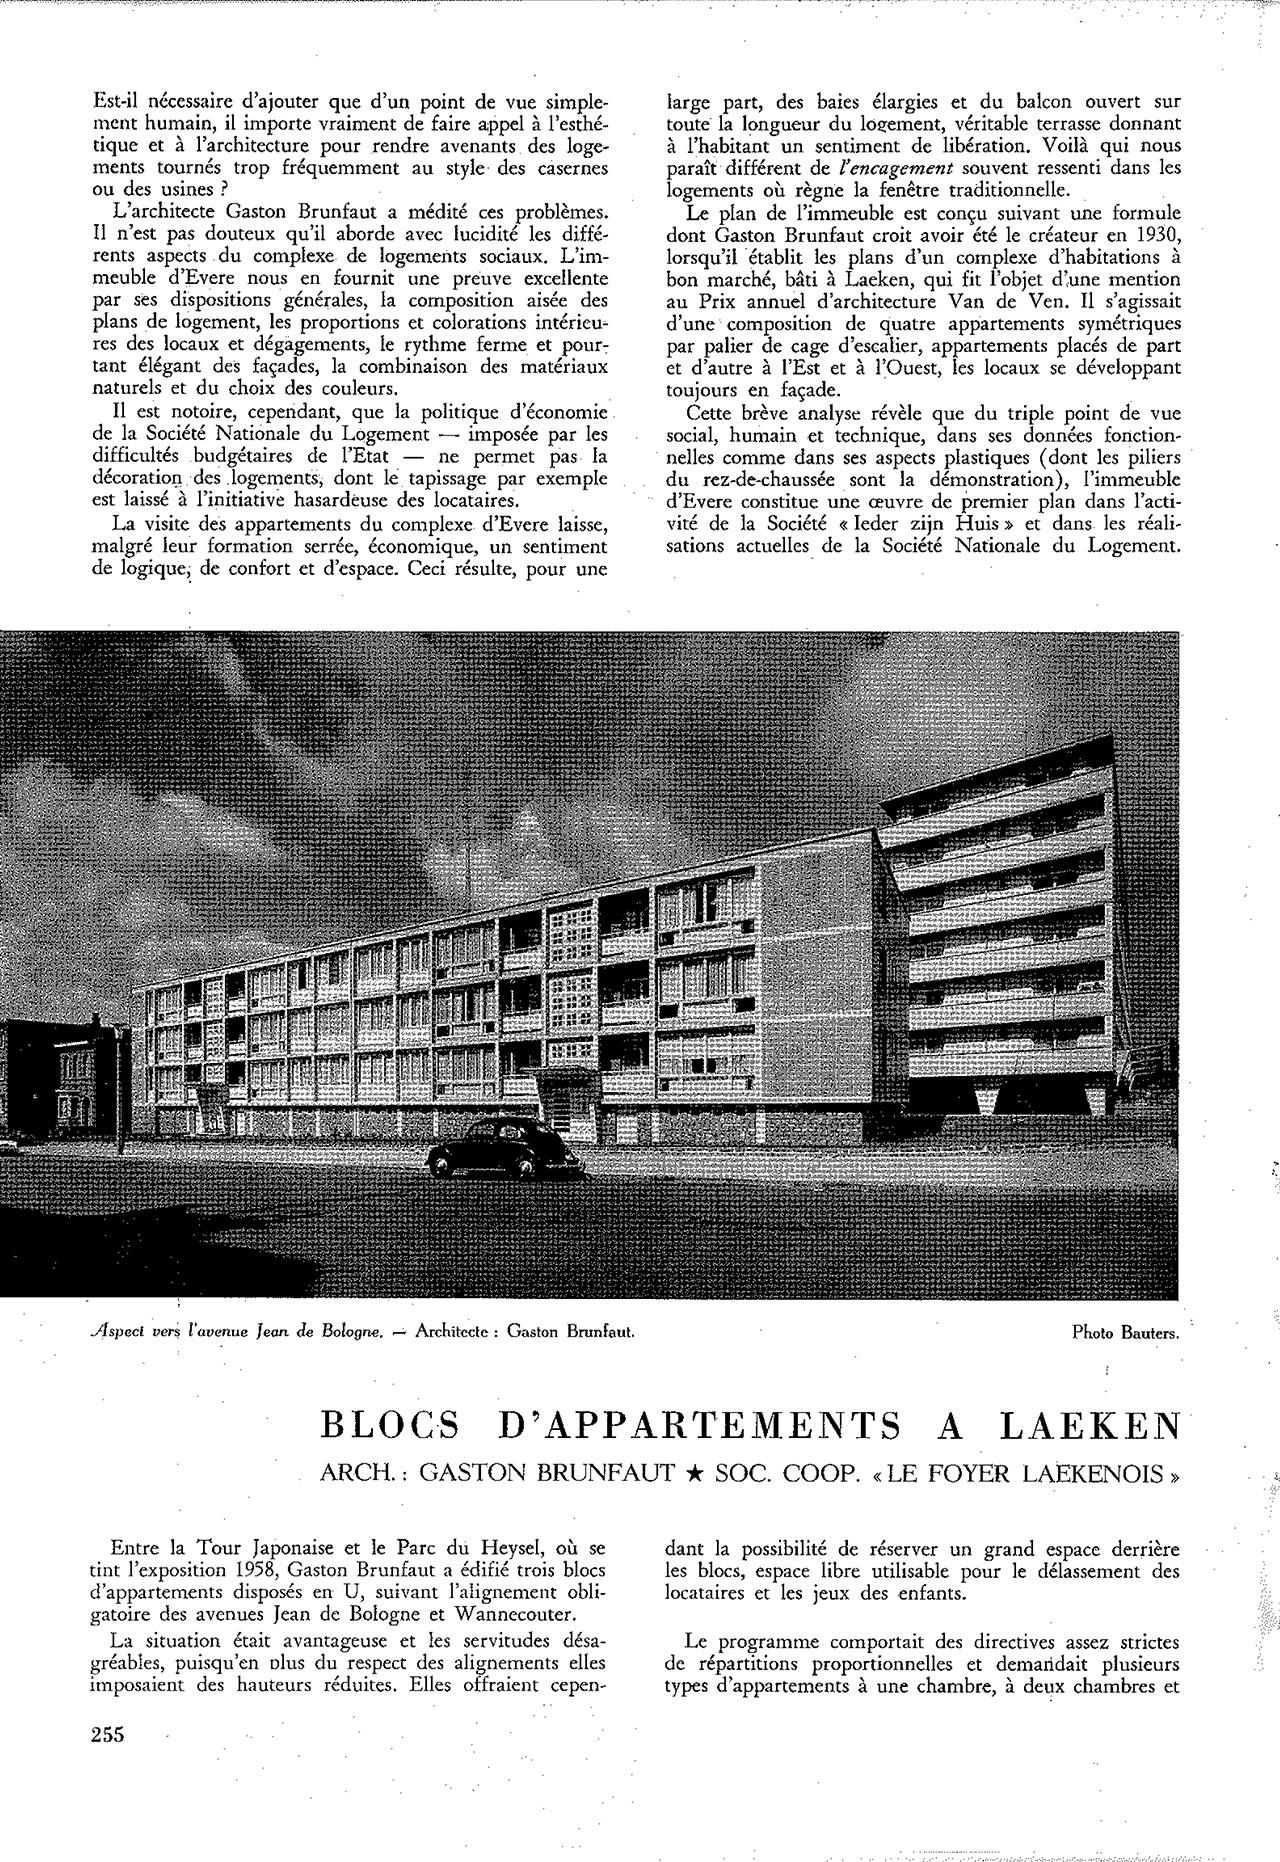 Blocs d'appartements à Laeken